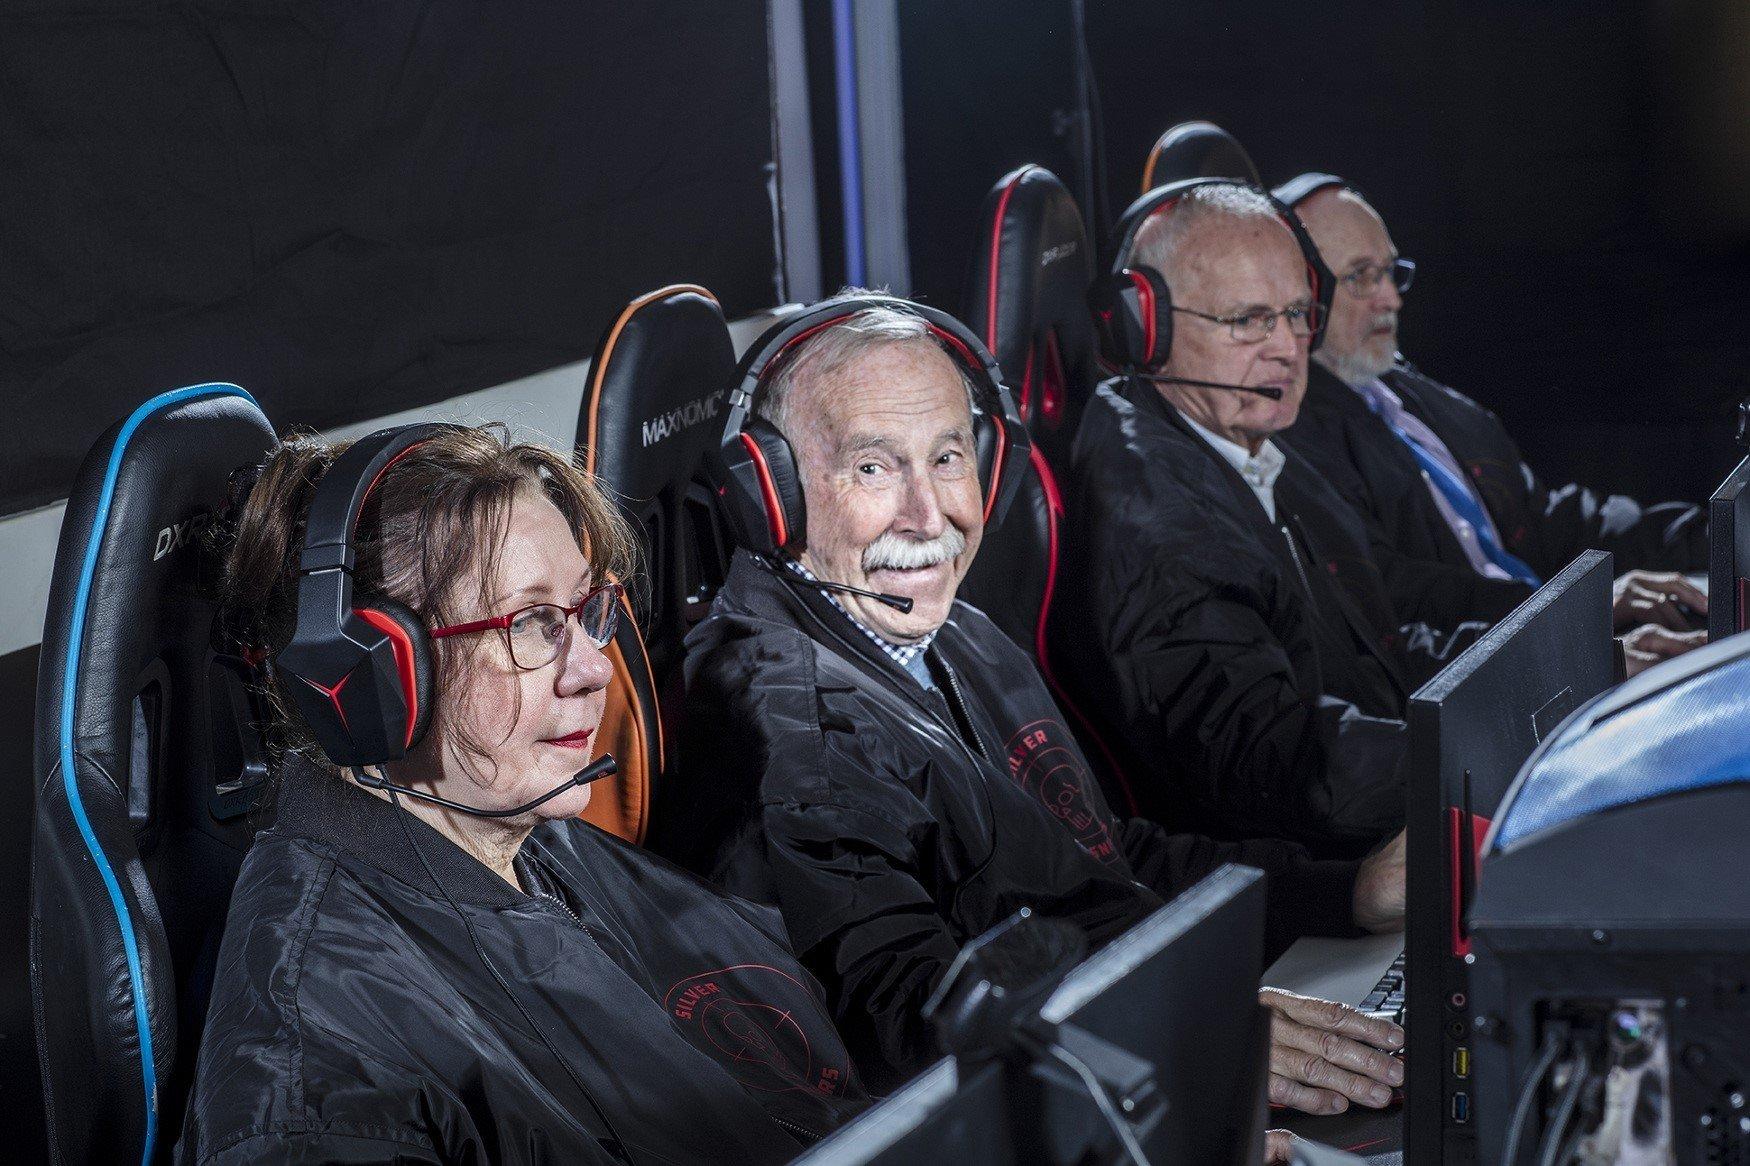 CSGO все возрасты покорны команда пенсионеров выигрывает турниры а старшему игроку 78 лет